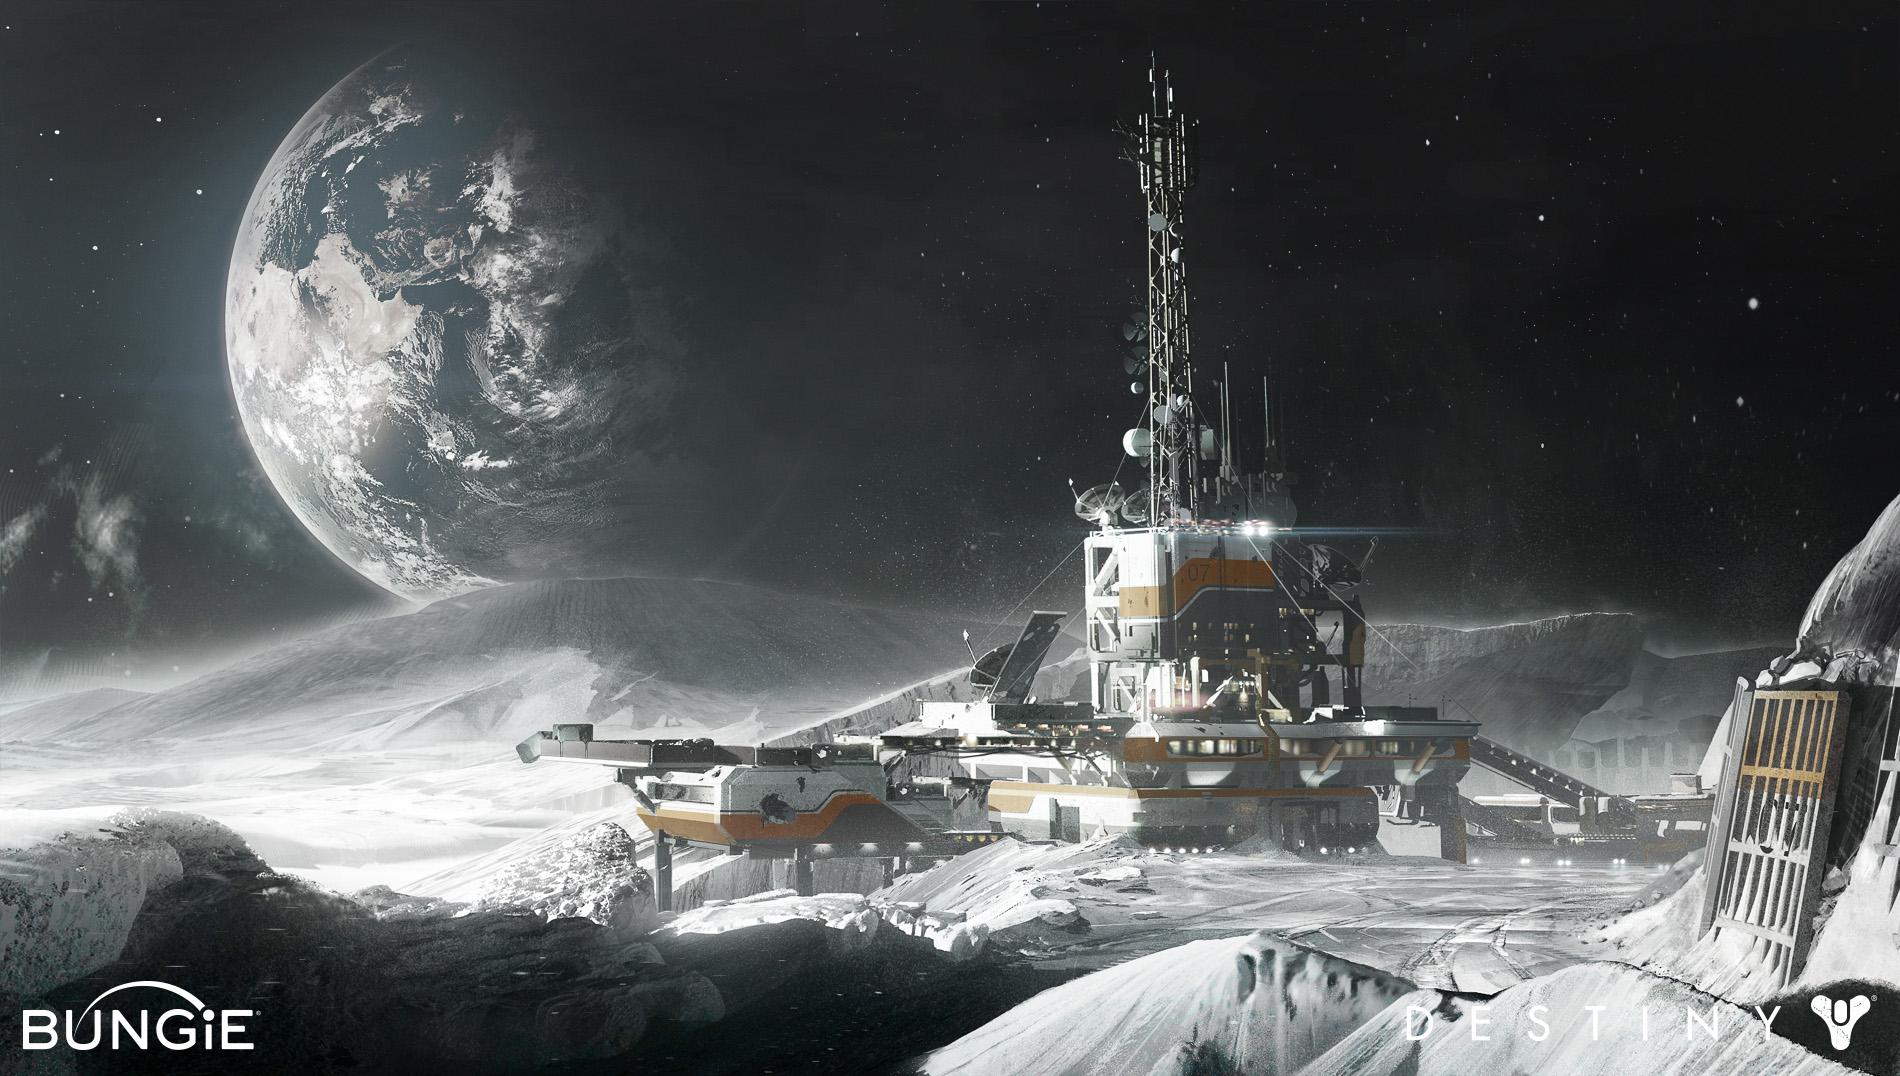 Boj na Měsíci v podání Destiny 88405